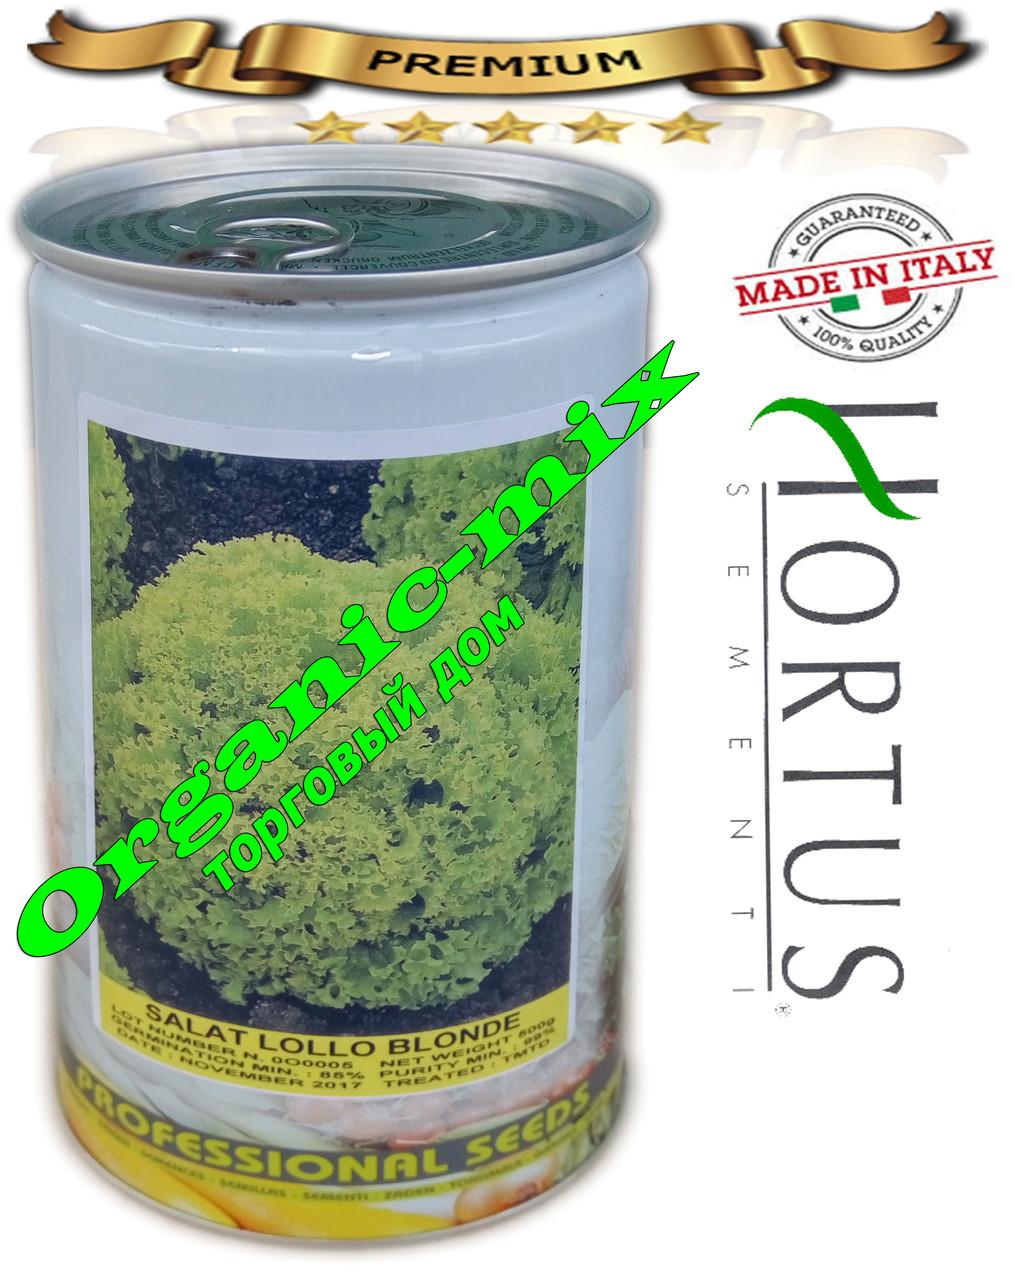 Семена салата Лолло Бионда / Lollo Bionda ТМ «Hortus» (Италия), банка 500 грамм